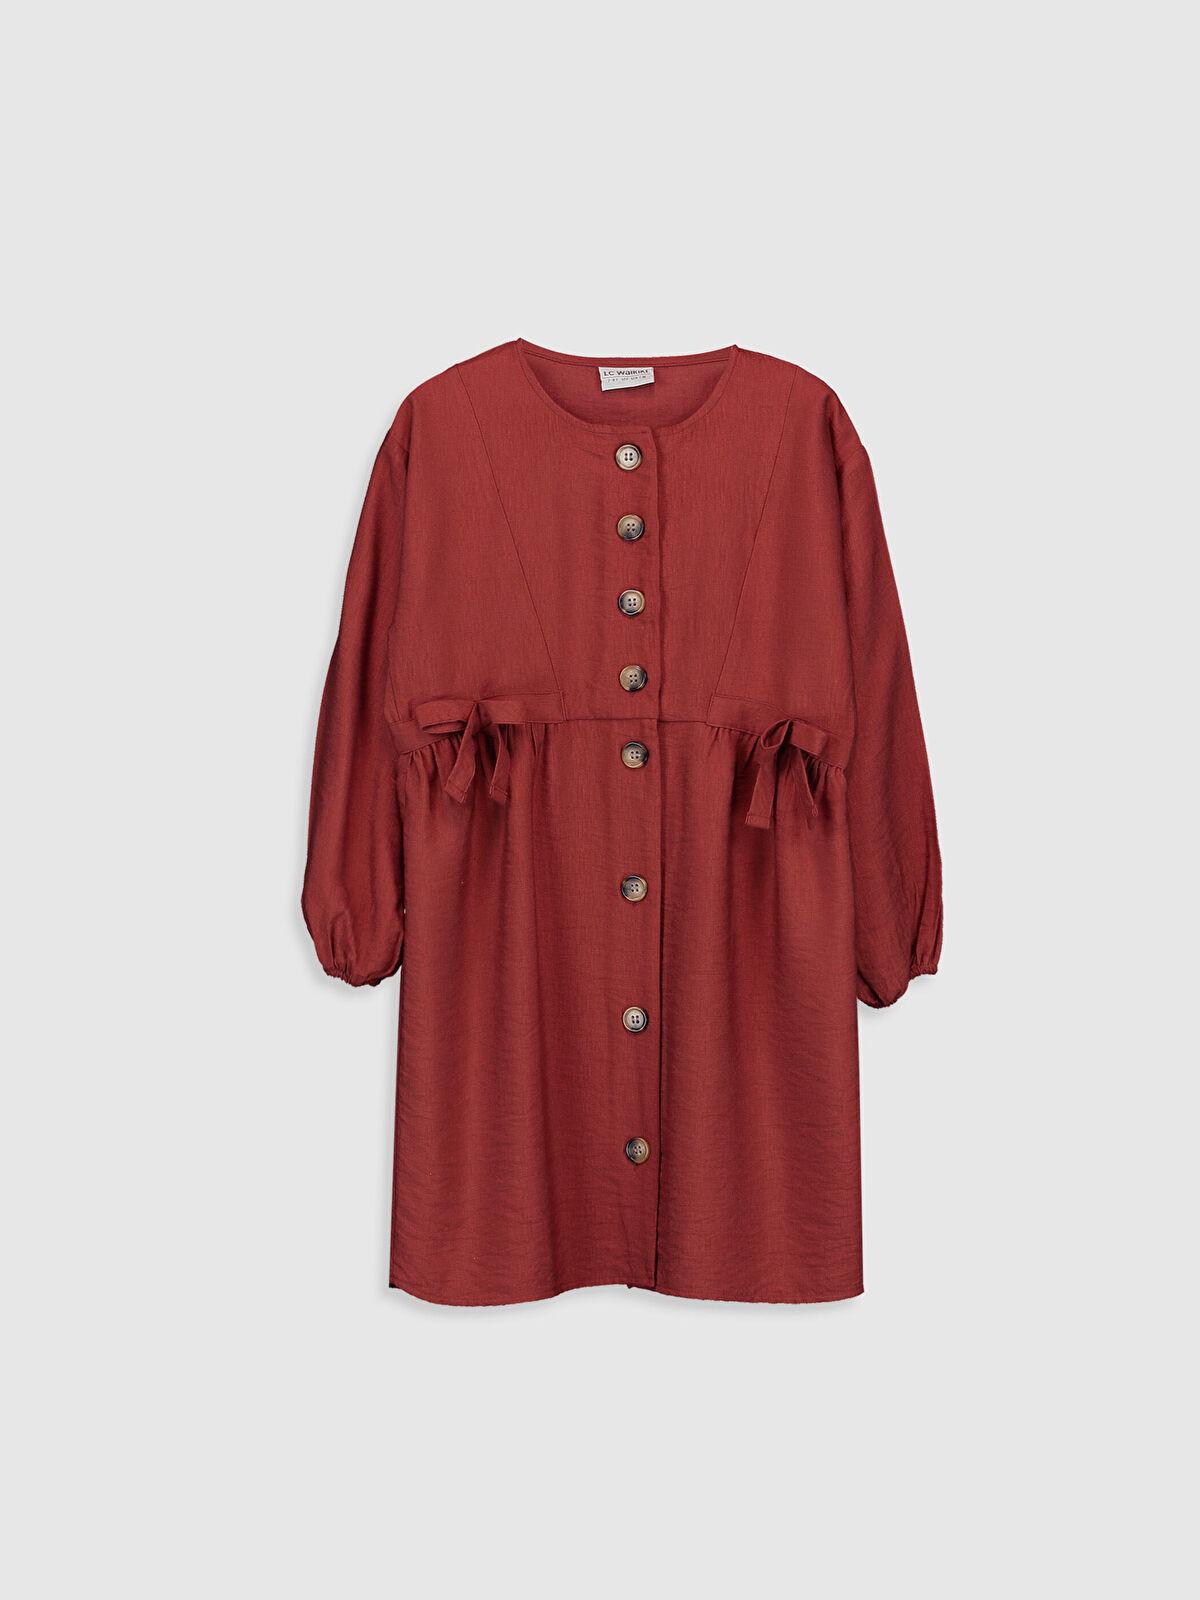 Kız Çocuk Fiyonk Detaylı Viskon Elbise - LC WAIKIKI